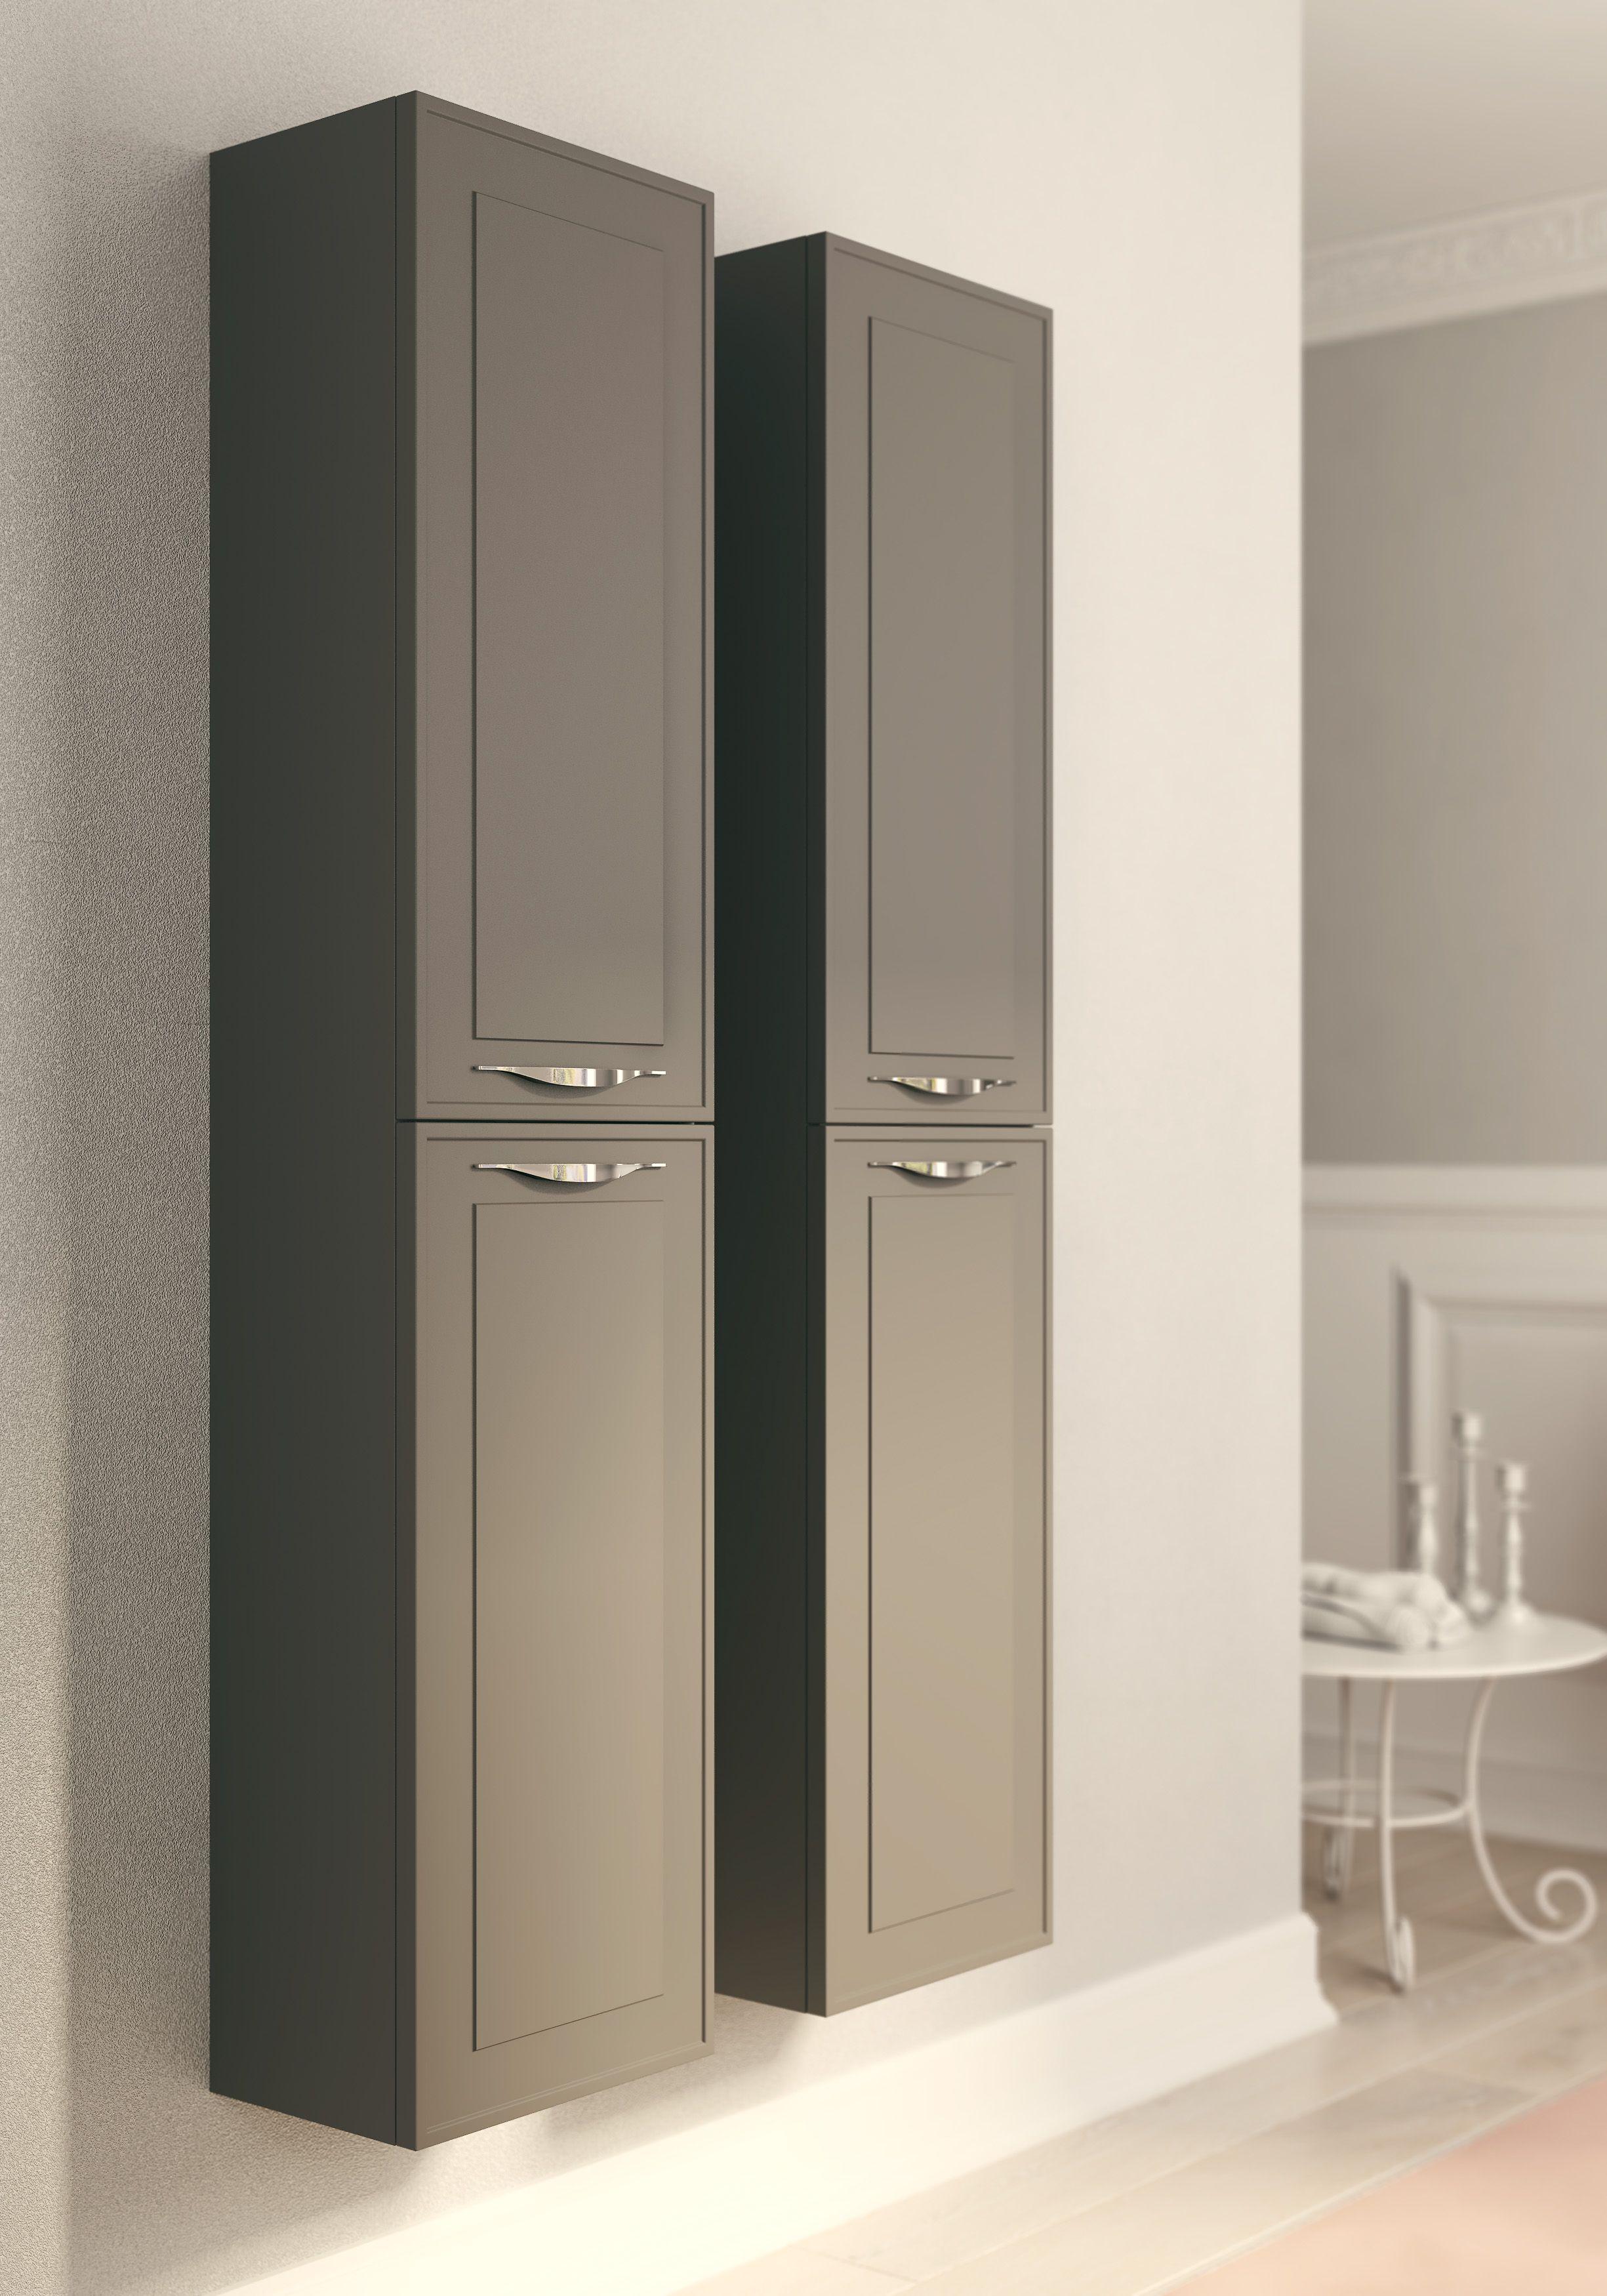 Armoire colonne Mobilier de salle de bain Dressy marque Blob